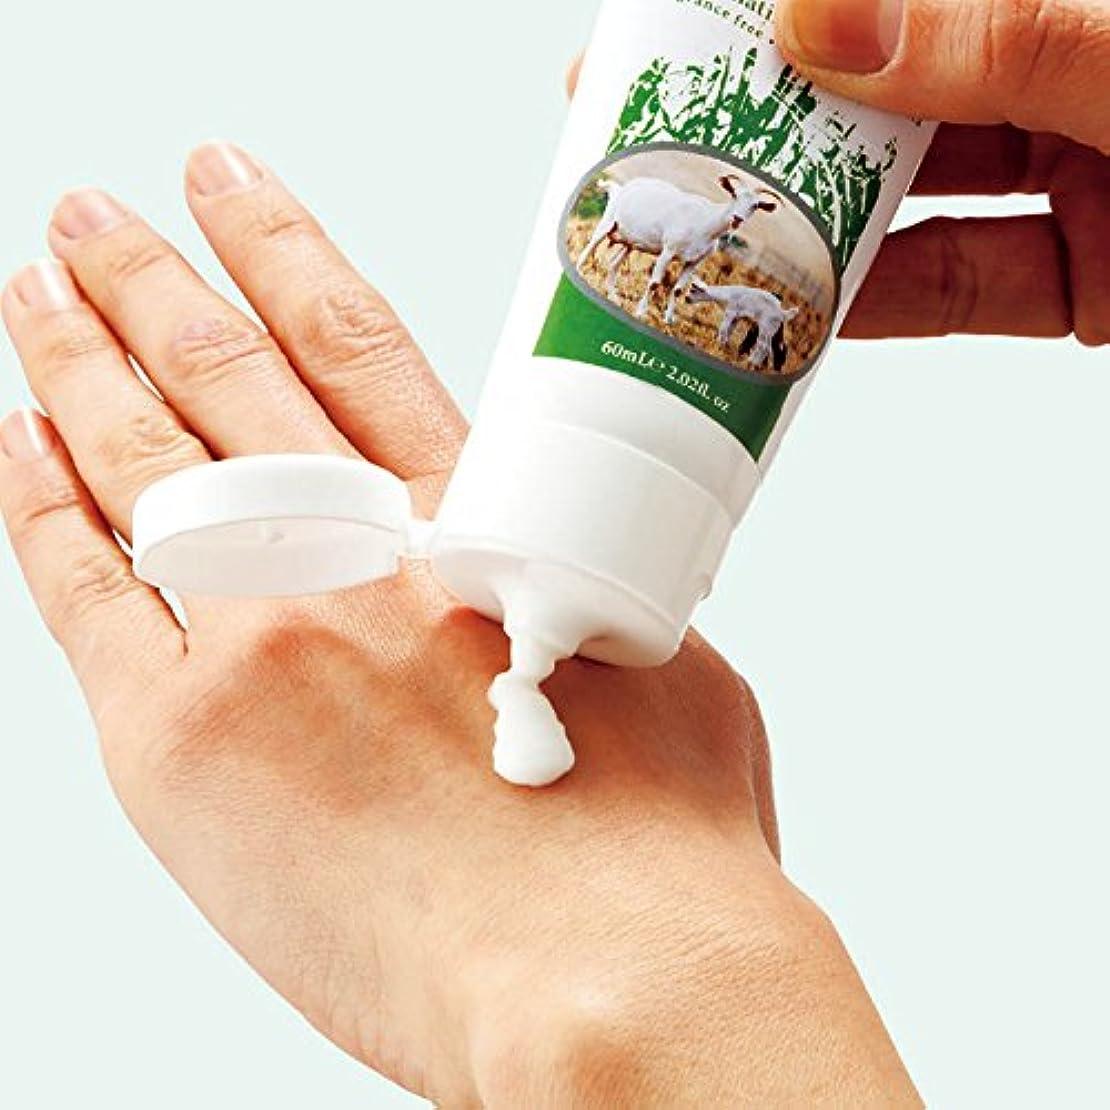 バッフルツーリスト読書オーストラリア 土産 ティリー ゴートミルク ハンドクリーム 3本セット (海外旅行 オーストラリア お土産)